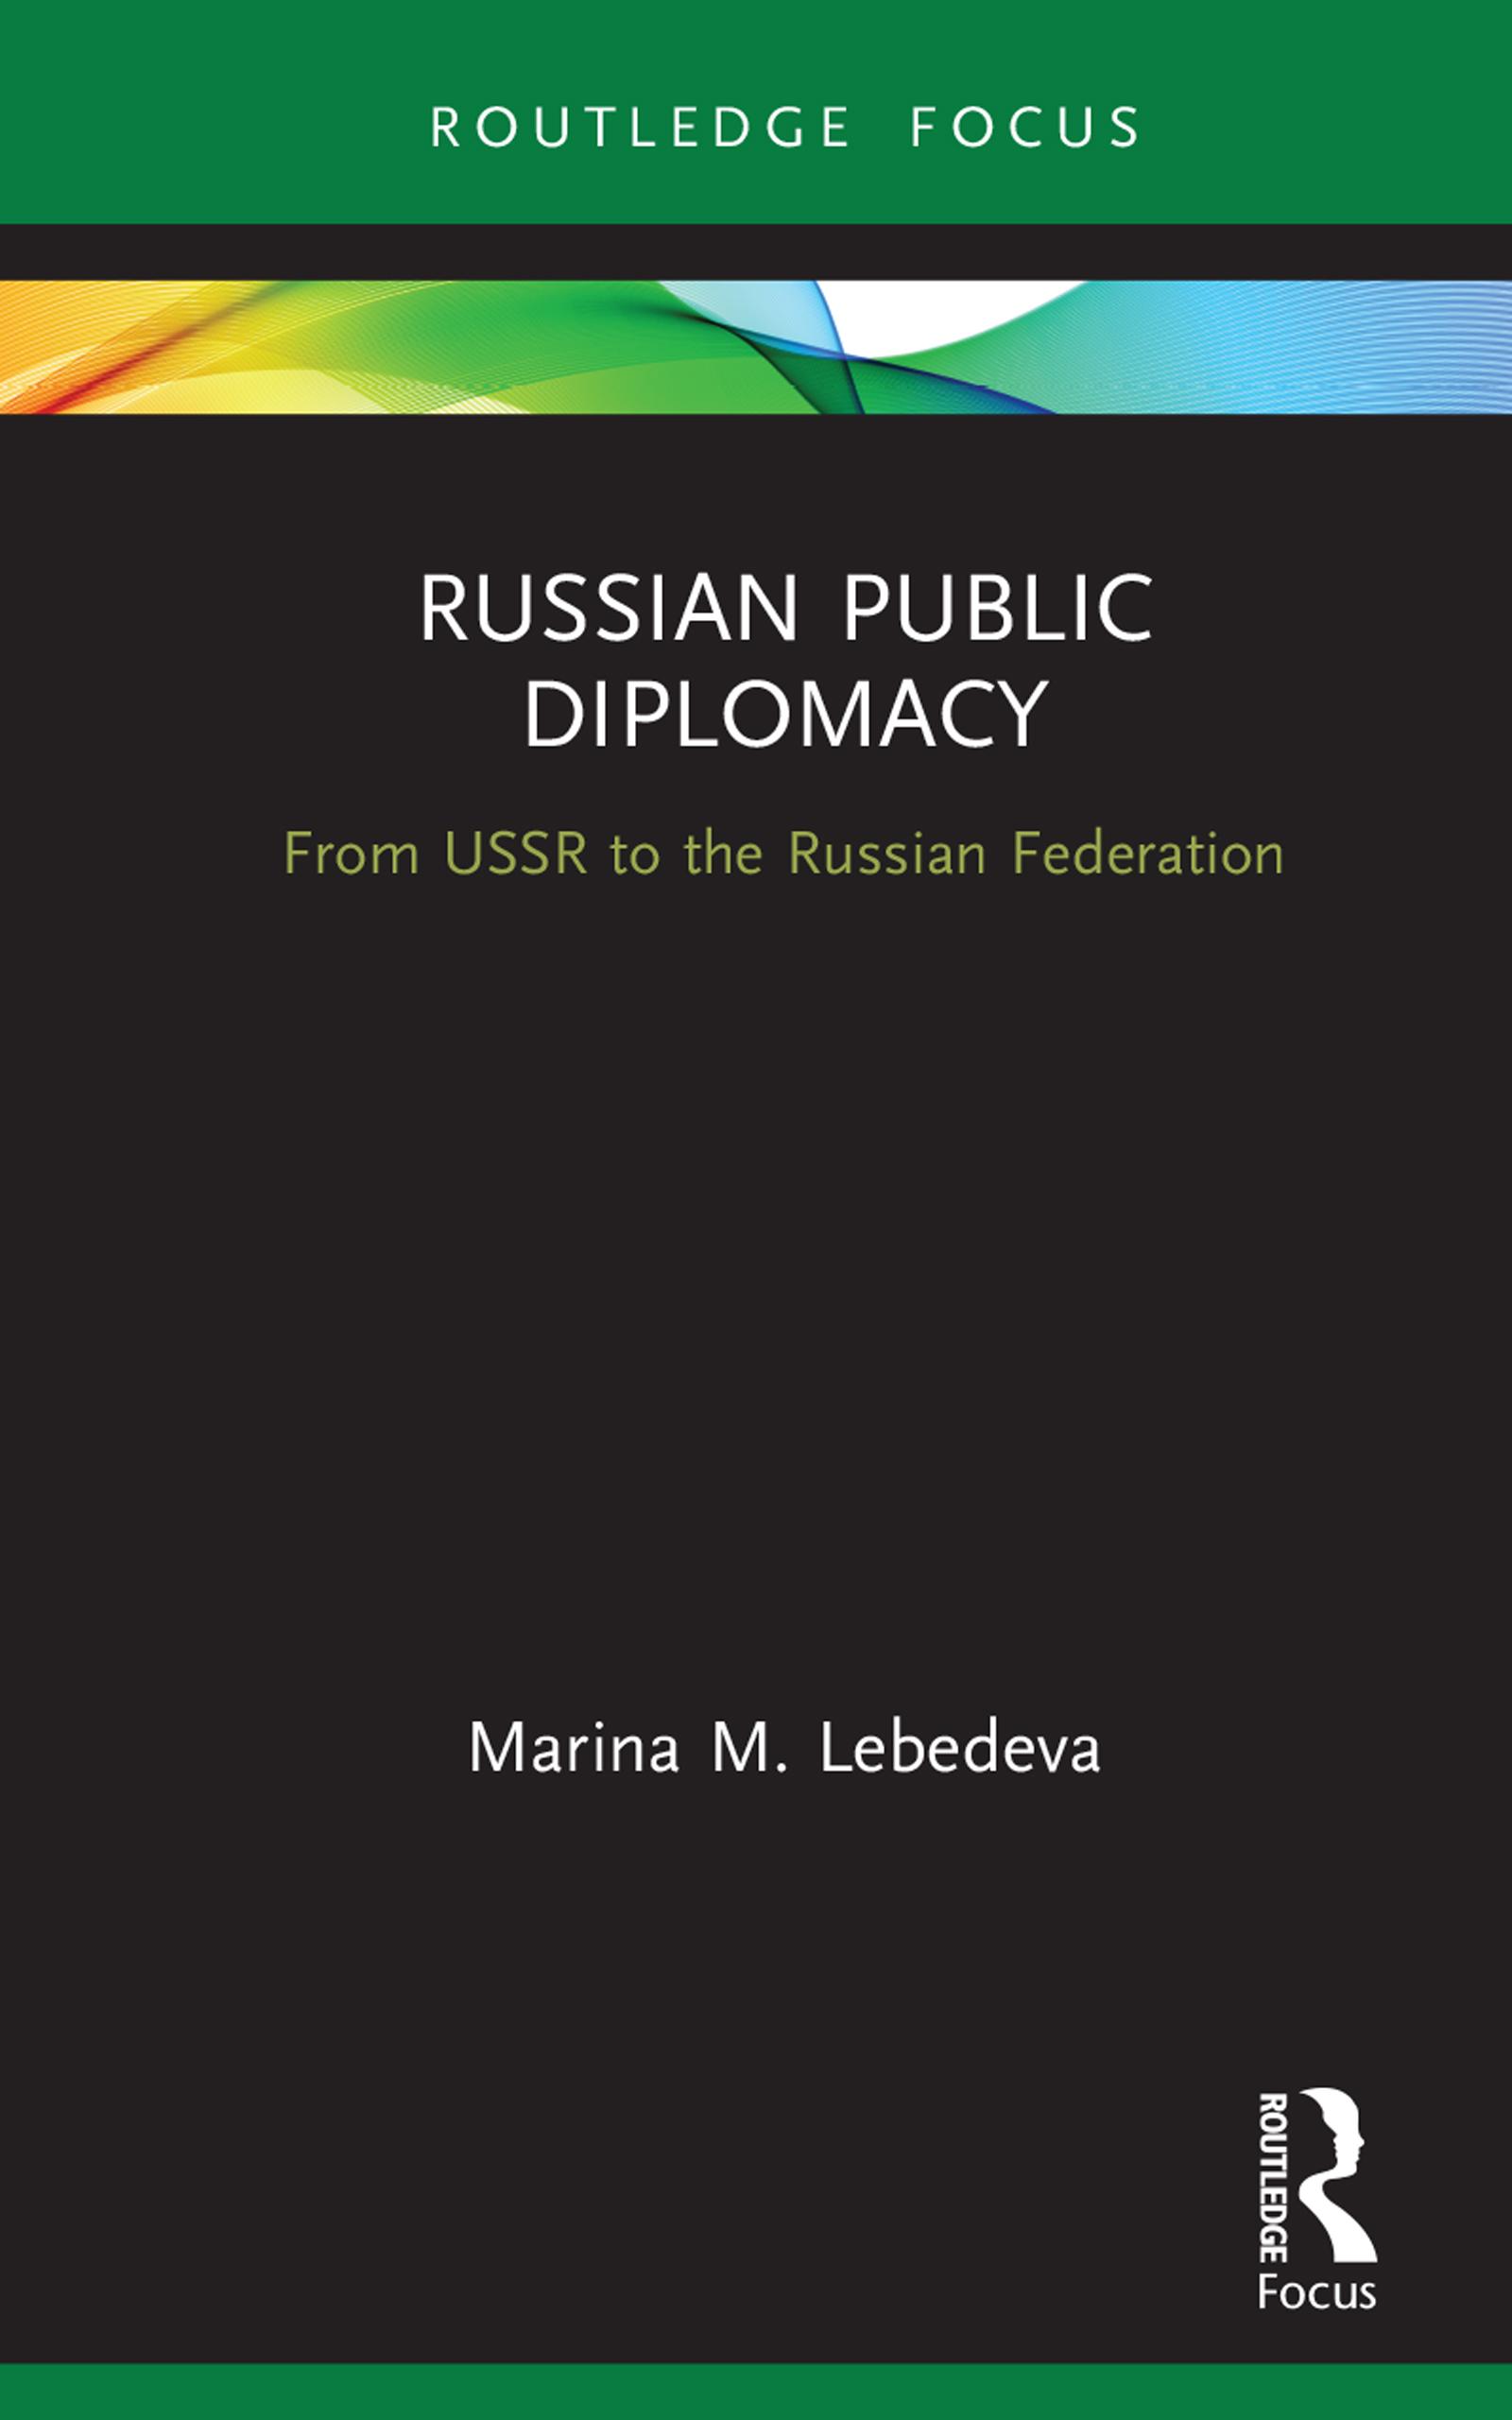 Russian Public Diplomacy